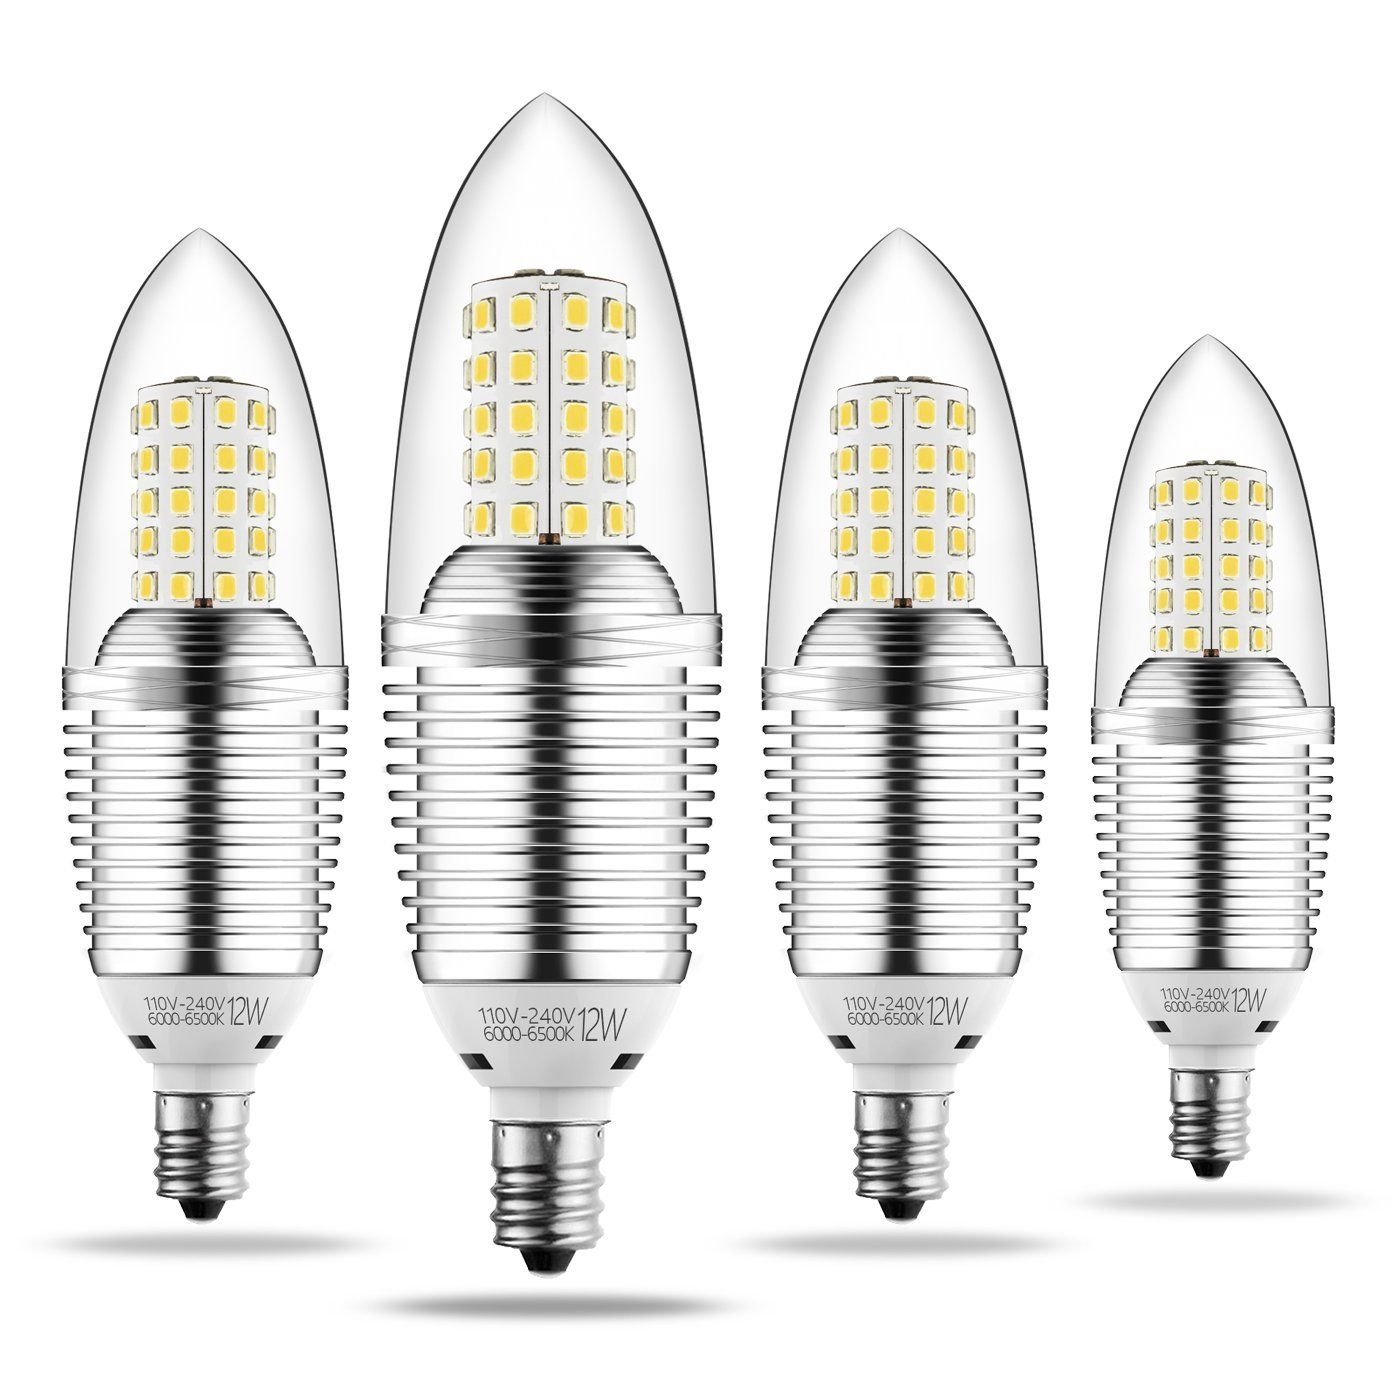 Infinite Power Candelabra Led Bulbs 12w Daylight White 6500k Led